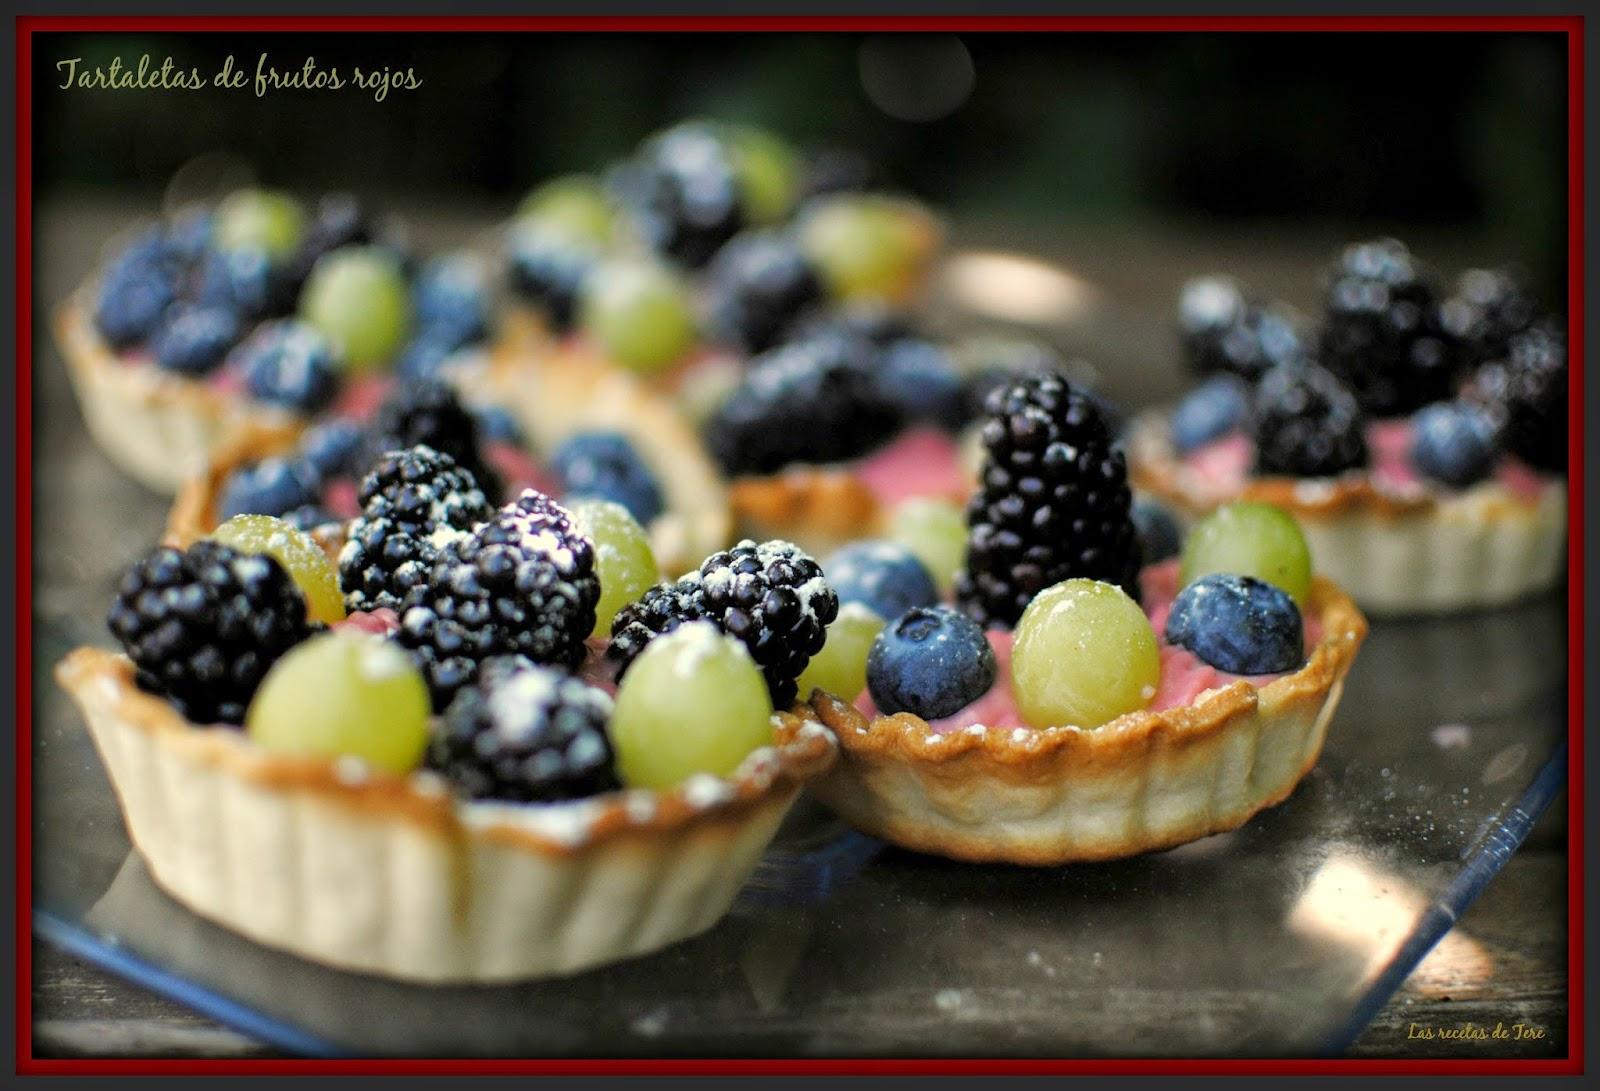 Tartaletas de frutos rojos las recetas de tere 06